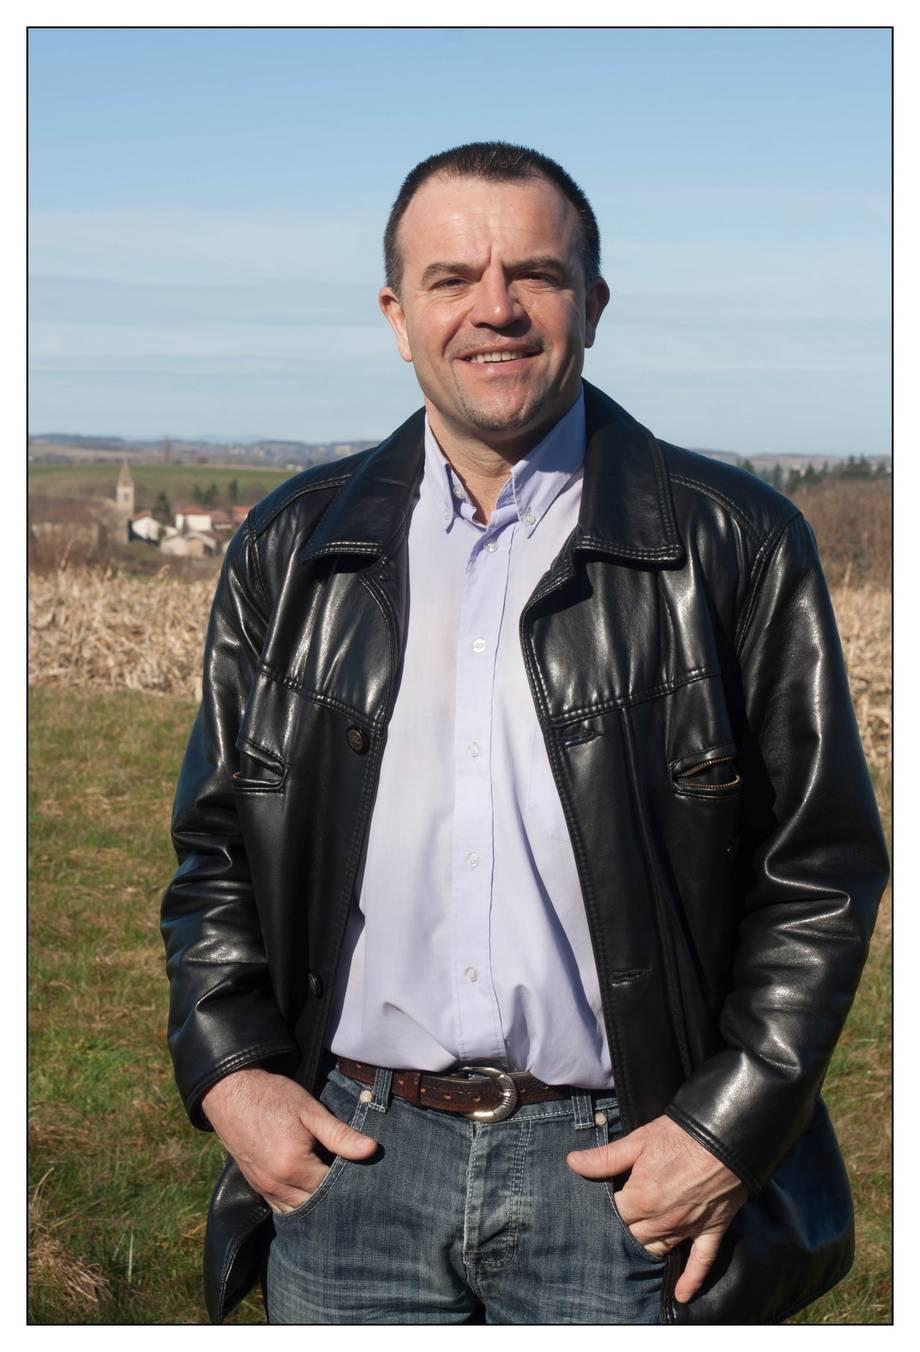 richard-veyet-conseiller-municipal-de-succieu